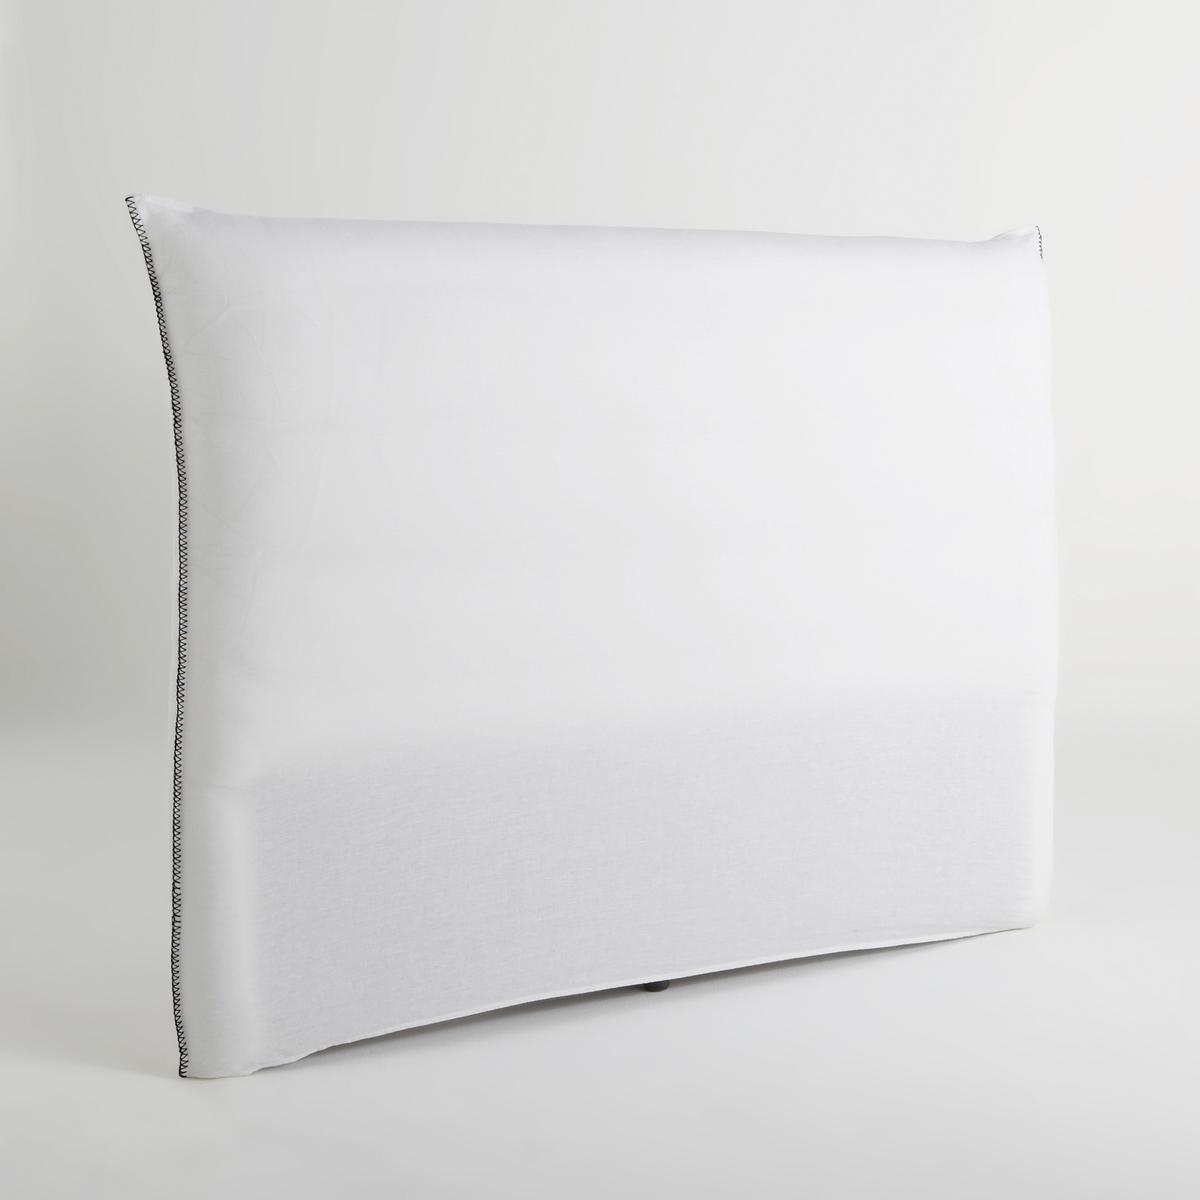 Чехол для изголовья кровати PamЧехол для изголовья кровати Pam. Разработан специально для изголовья кровати PAM. Материал : - 100% стираный лен : - Отделка контрастным петельным швом по бокам.Уход :- Машинная стирка при 40 °С.      Размеры : - Высота 130 смЗнак Oeko-Tex® гарантирует, что товары прошли проверку и были изготовлены без применения вредных для здоровья человека веществ.<br><br>Цвет: белый